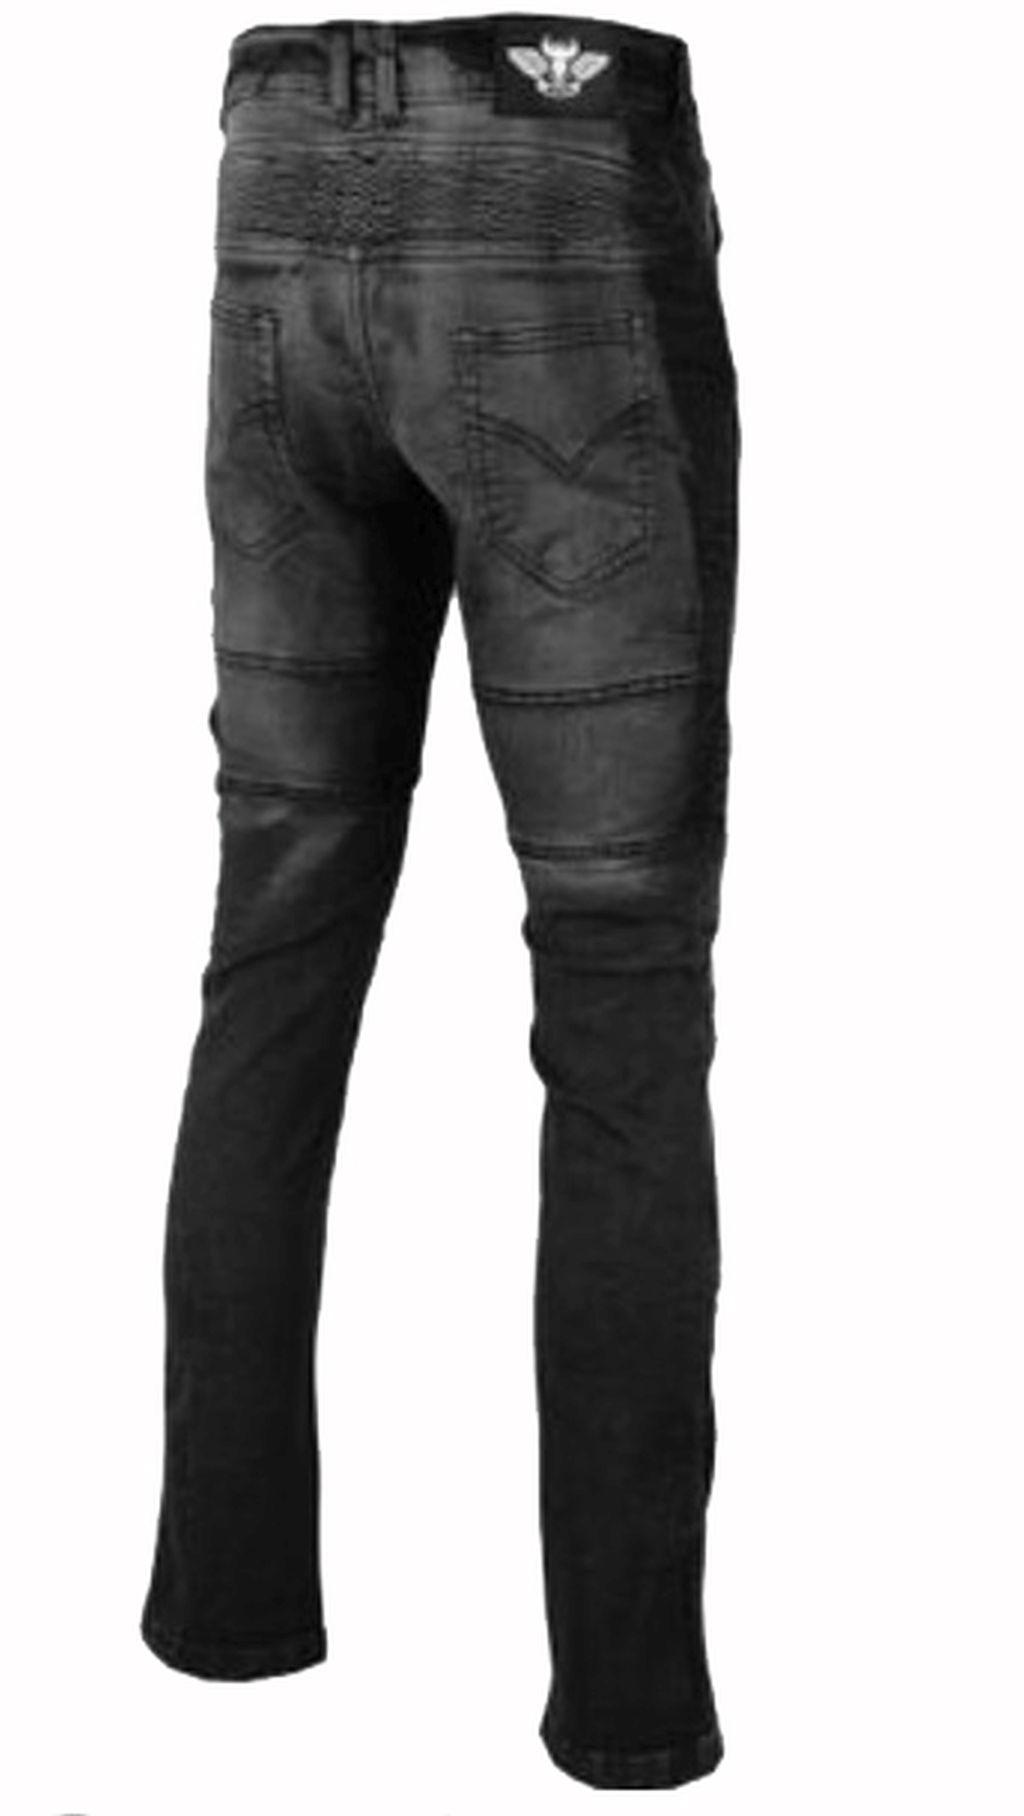 Damen Motorrad Hose Motorradhose Jeans Denim mit Protektoren schwarz 28-36 inch